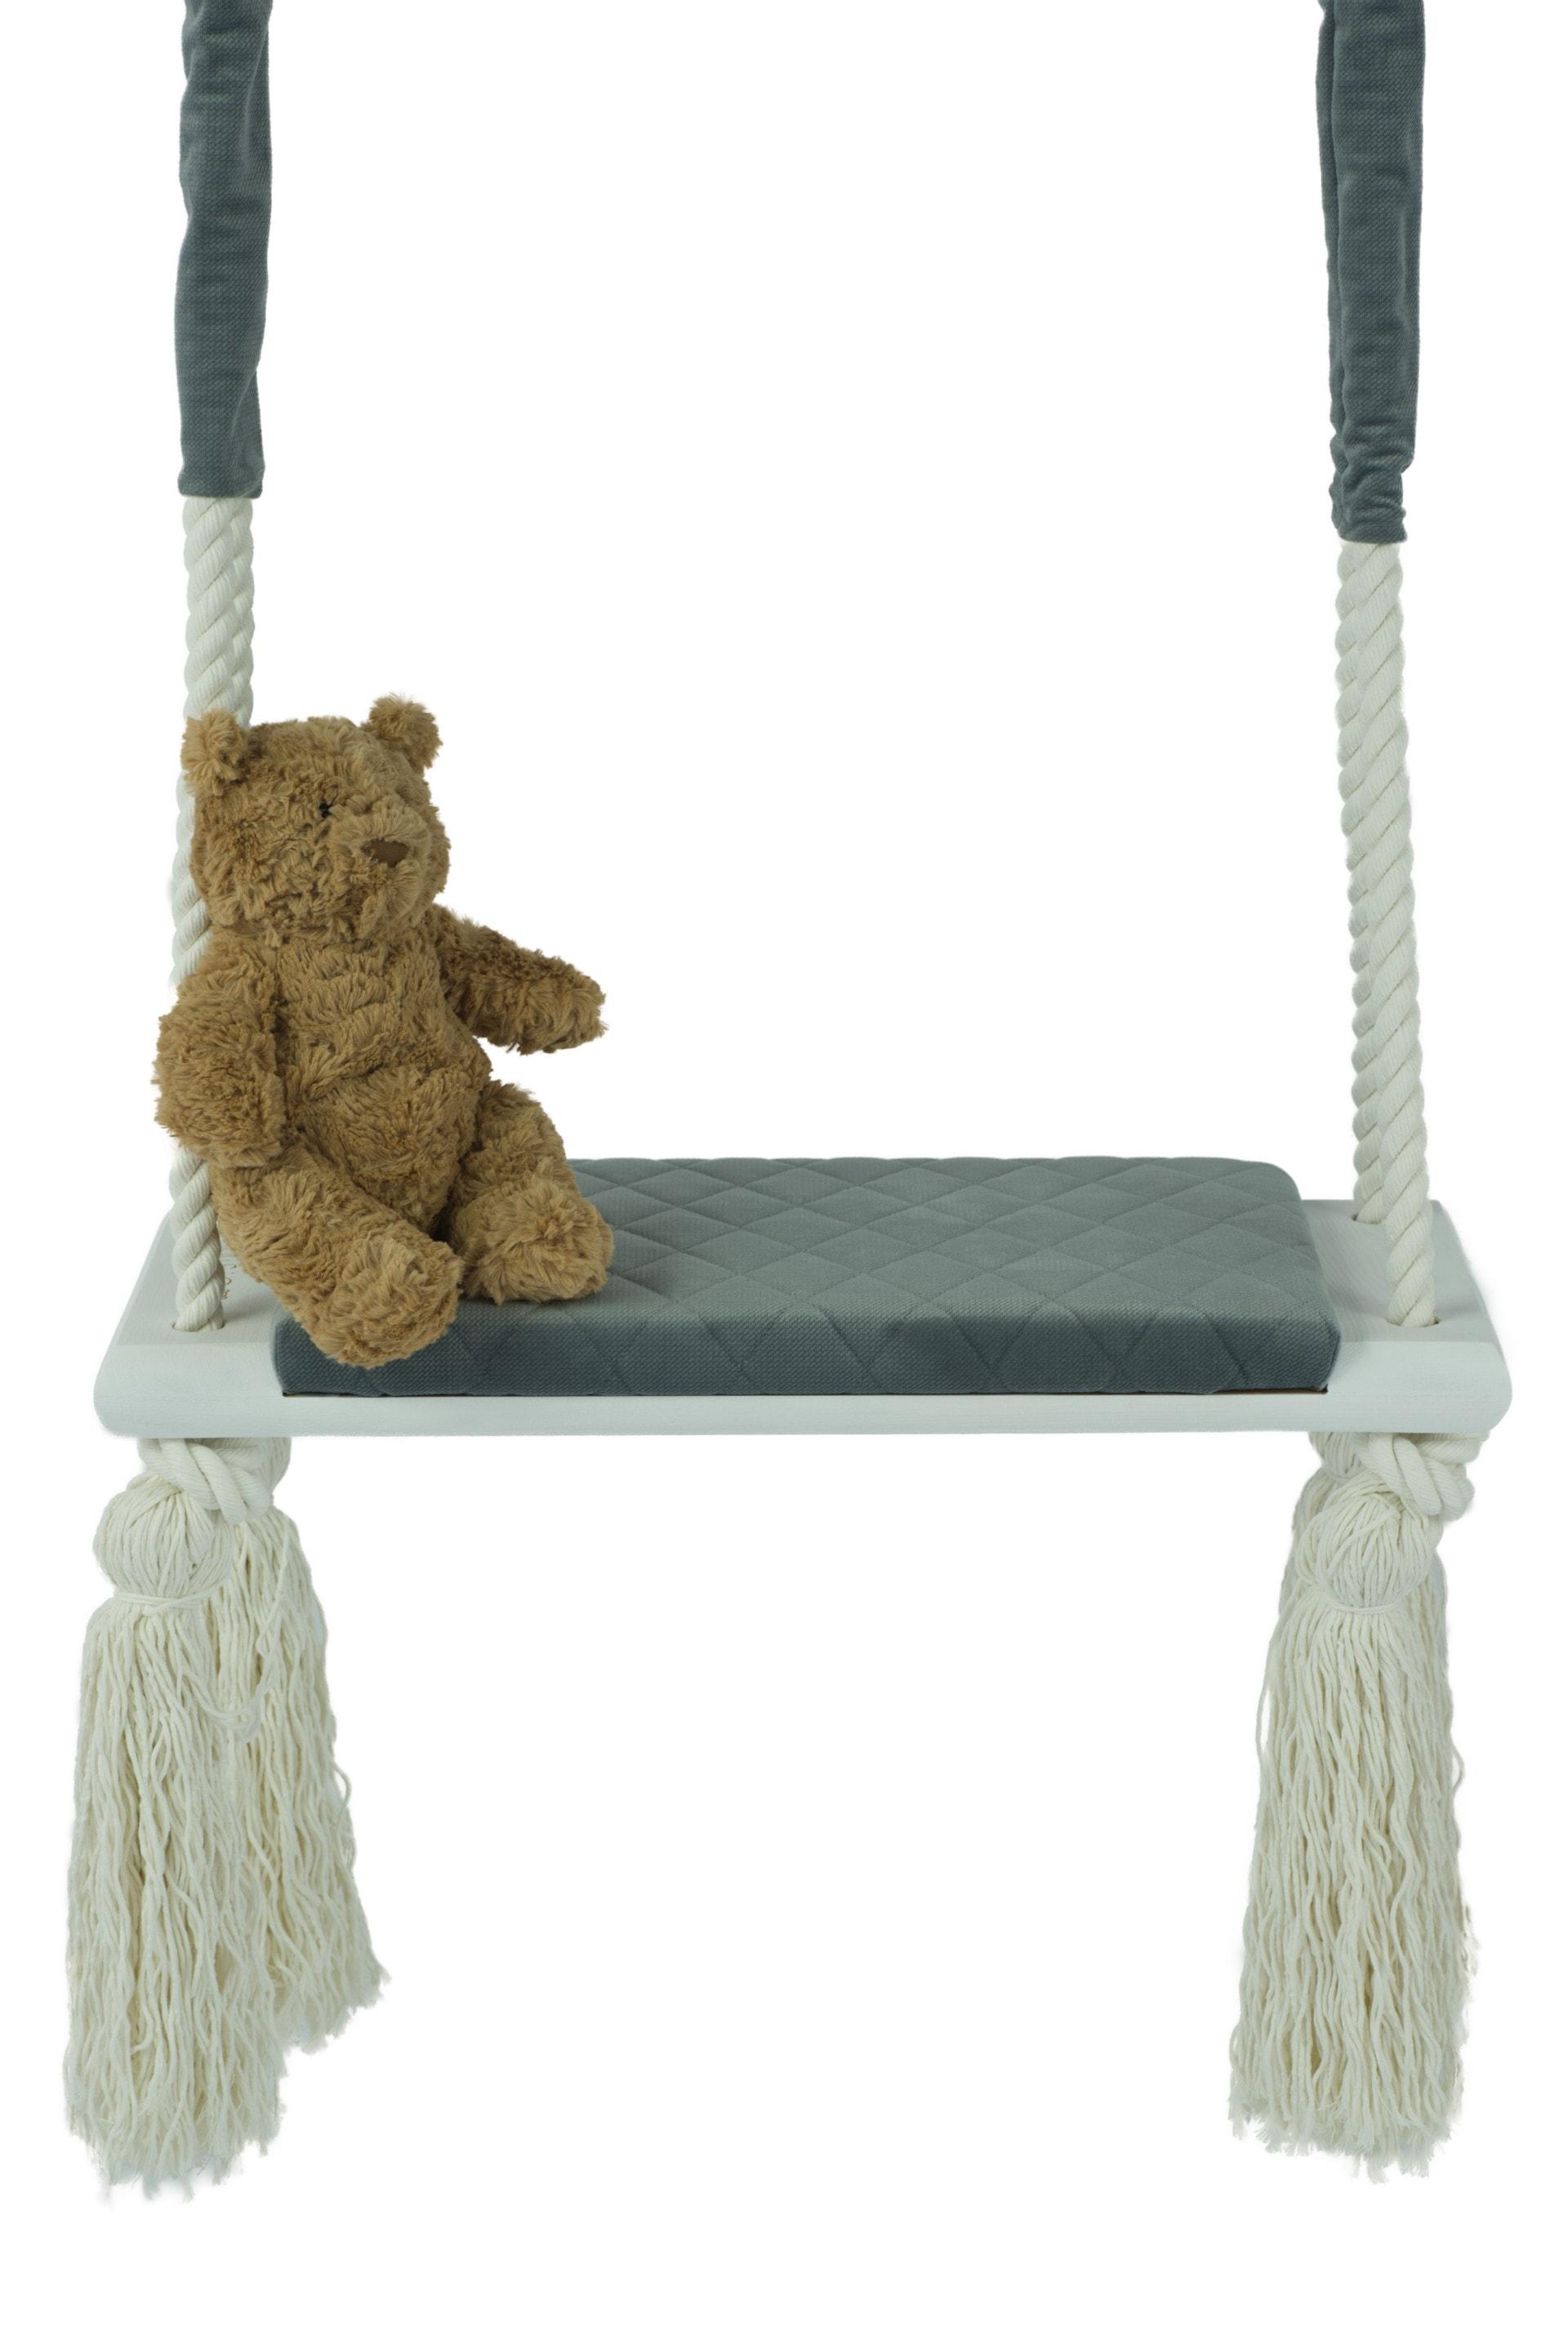 Huśtawki podwieszane dla dzieci - Comfort+